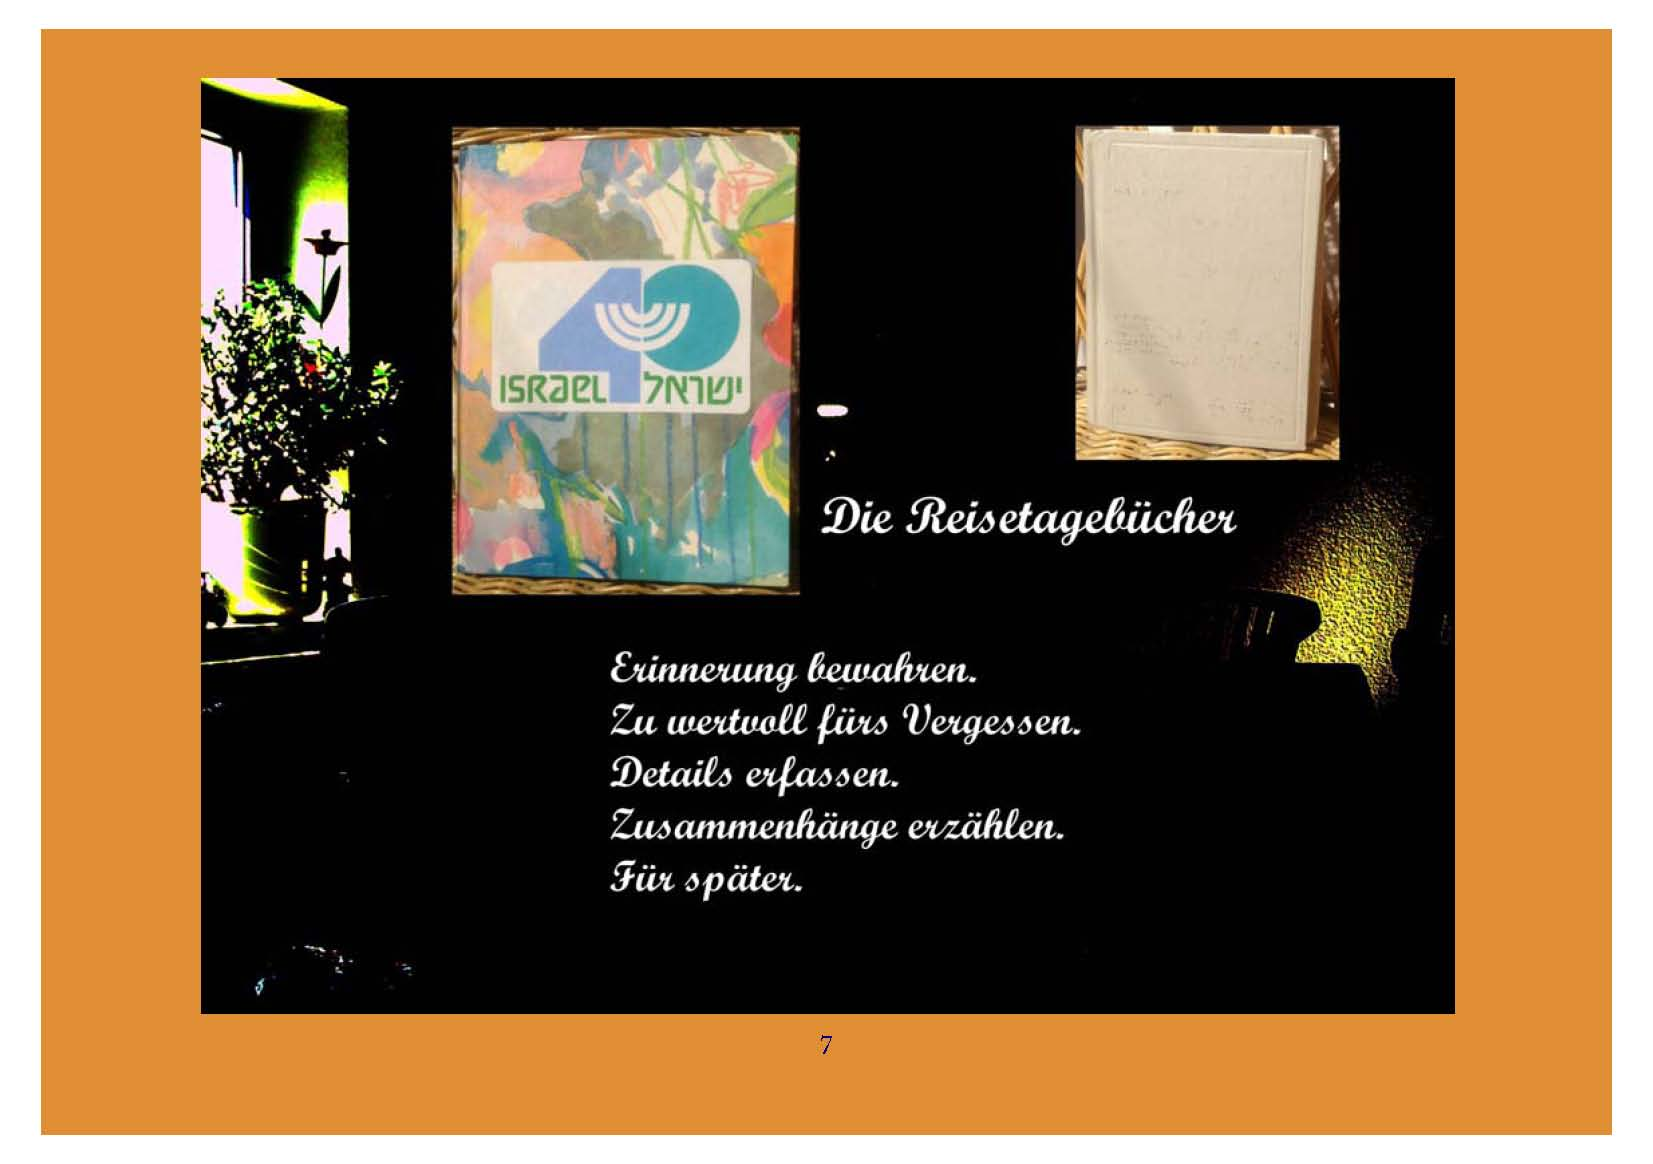 ™Gigabuch-Bibliothek/iAutobiographie Band 11/Bild 0764